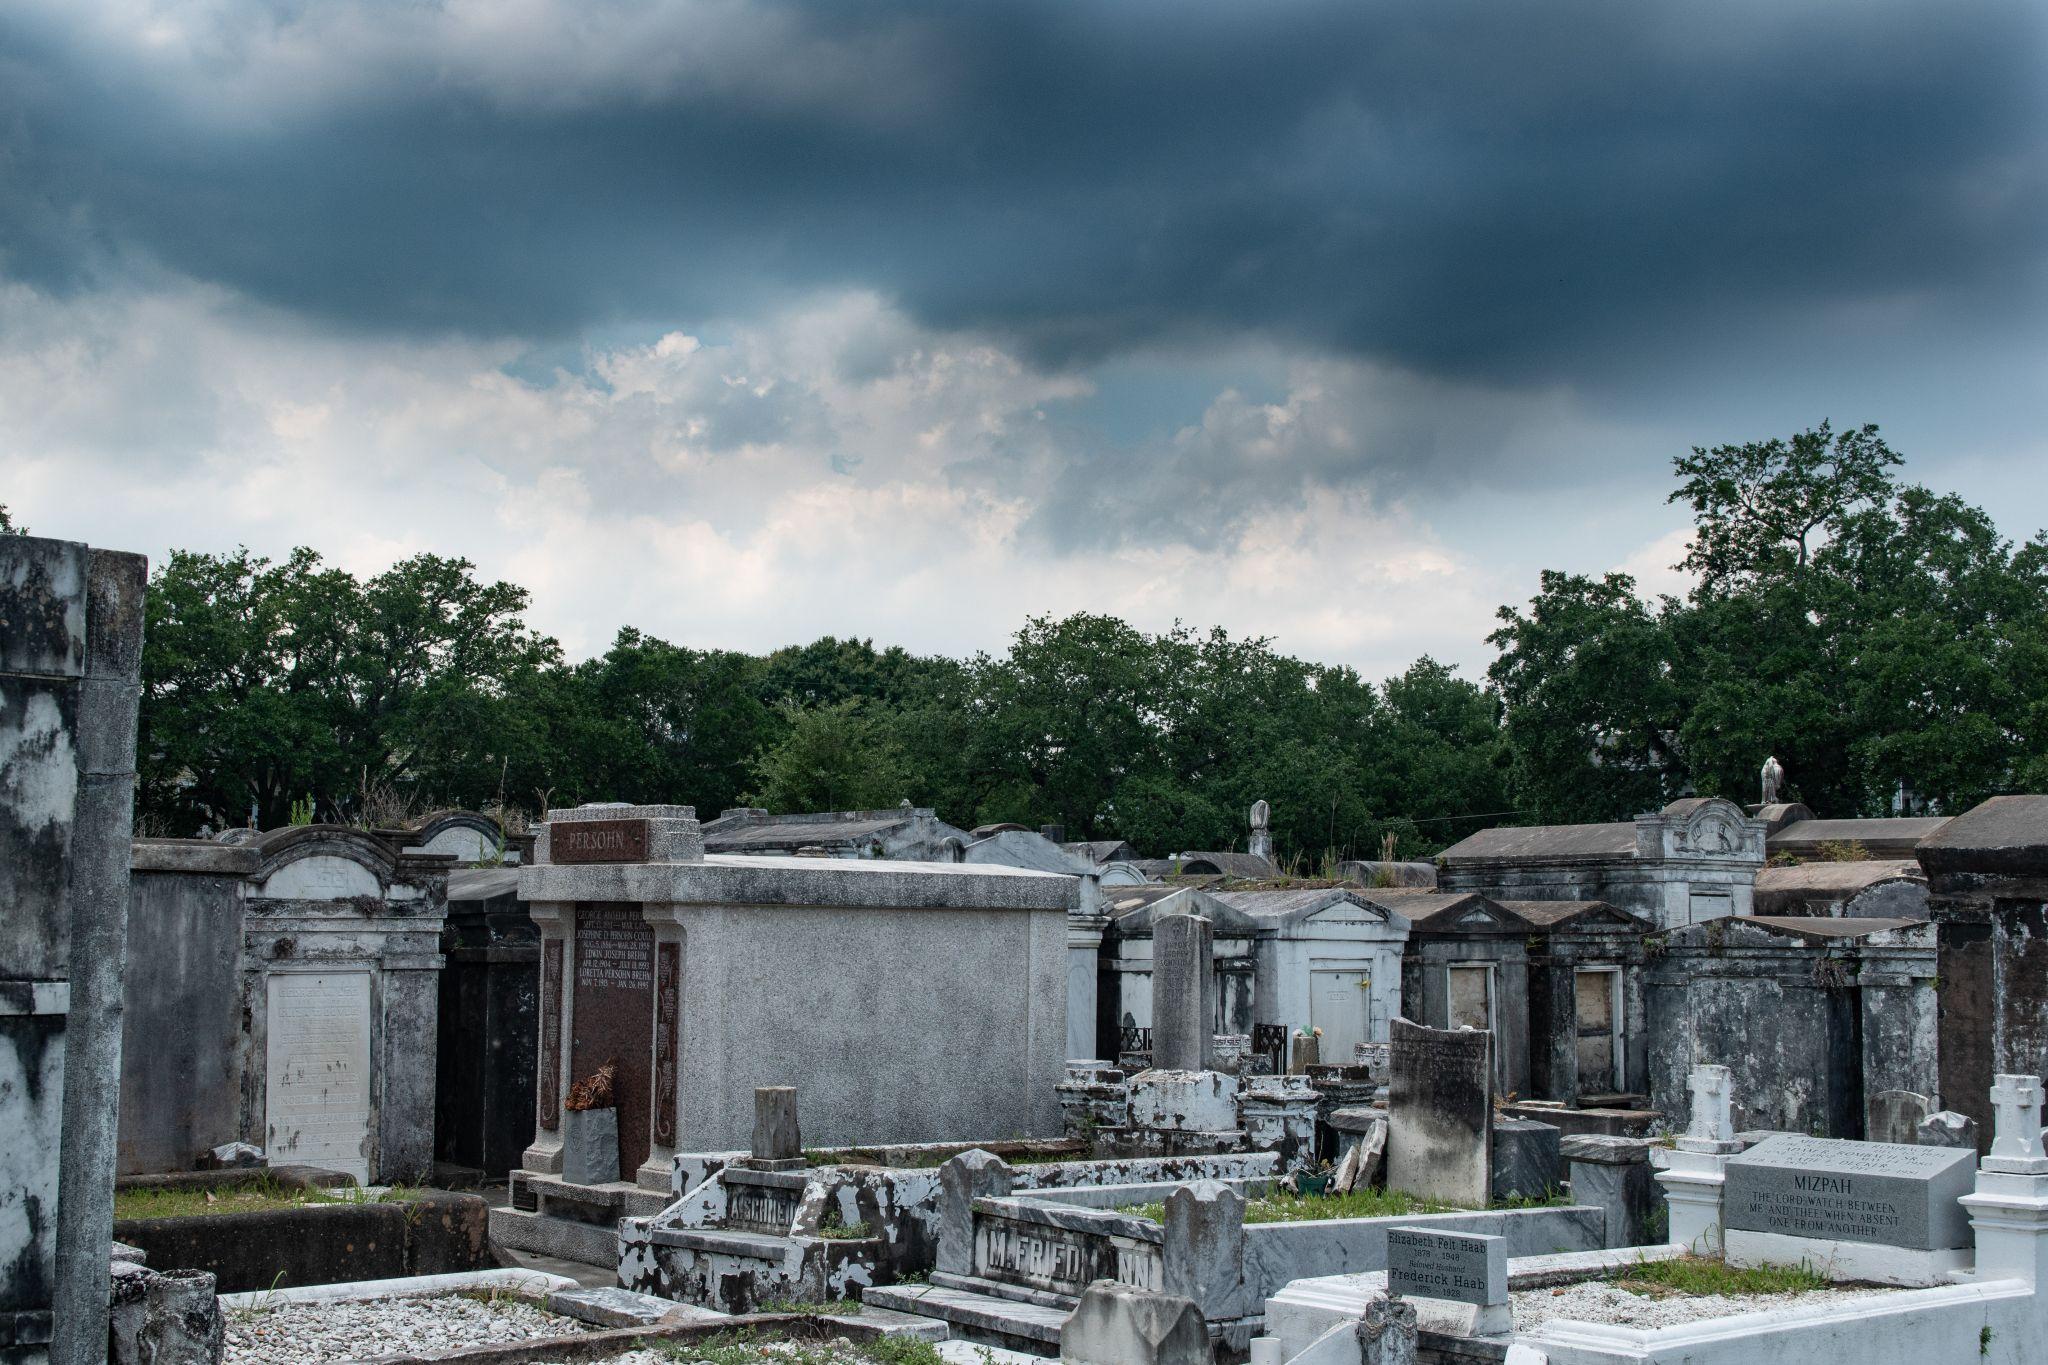 Lafayette Cemetery No. 1, USA